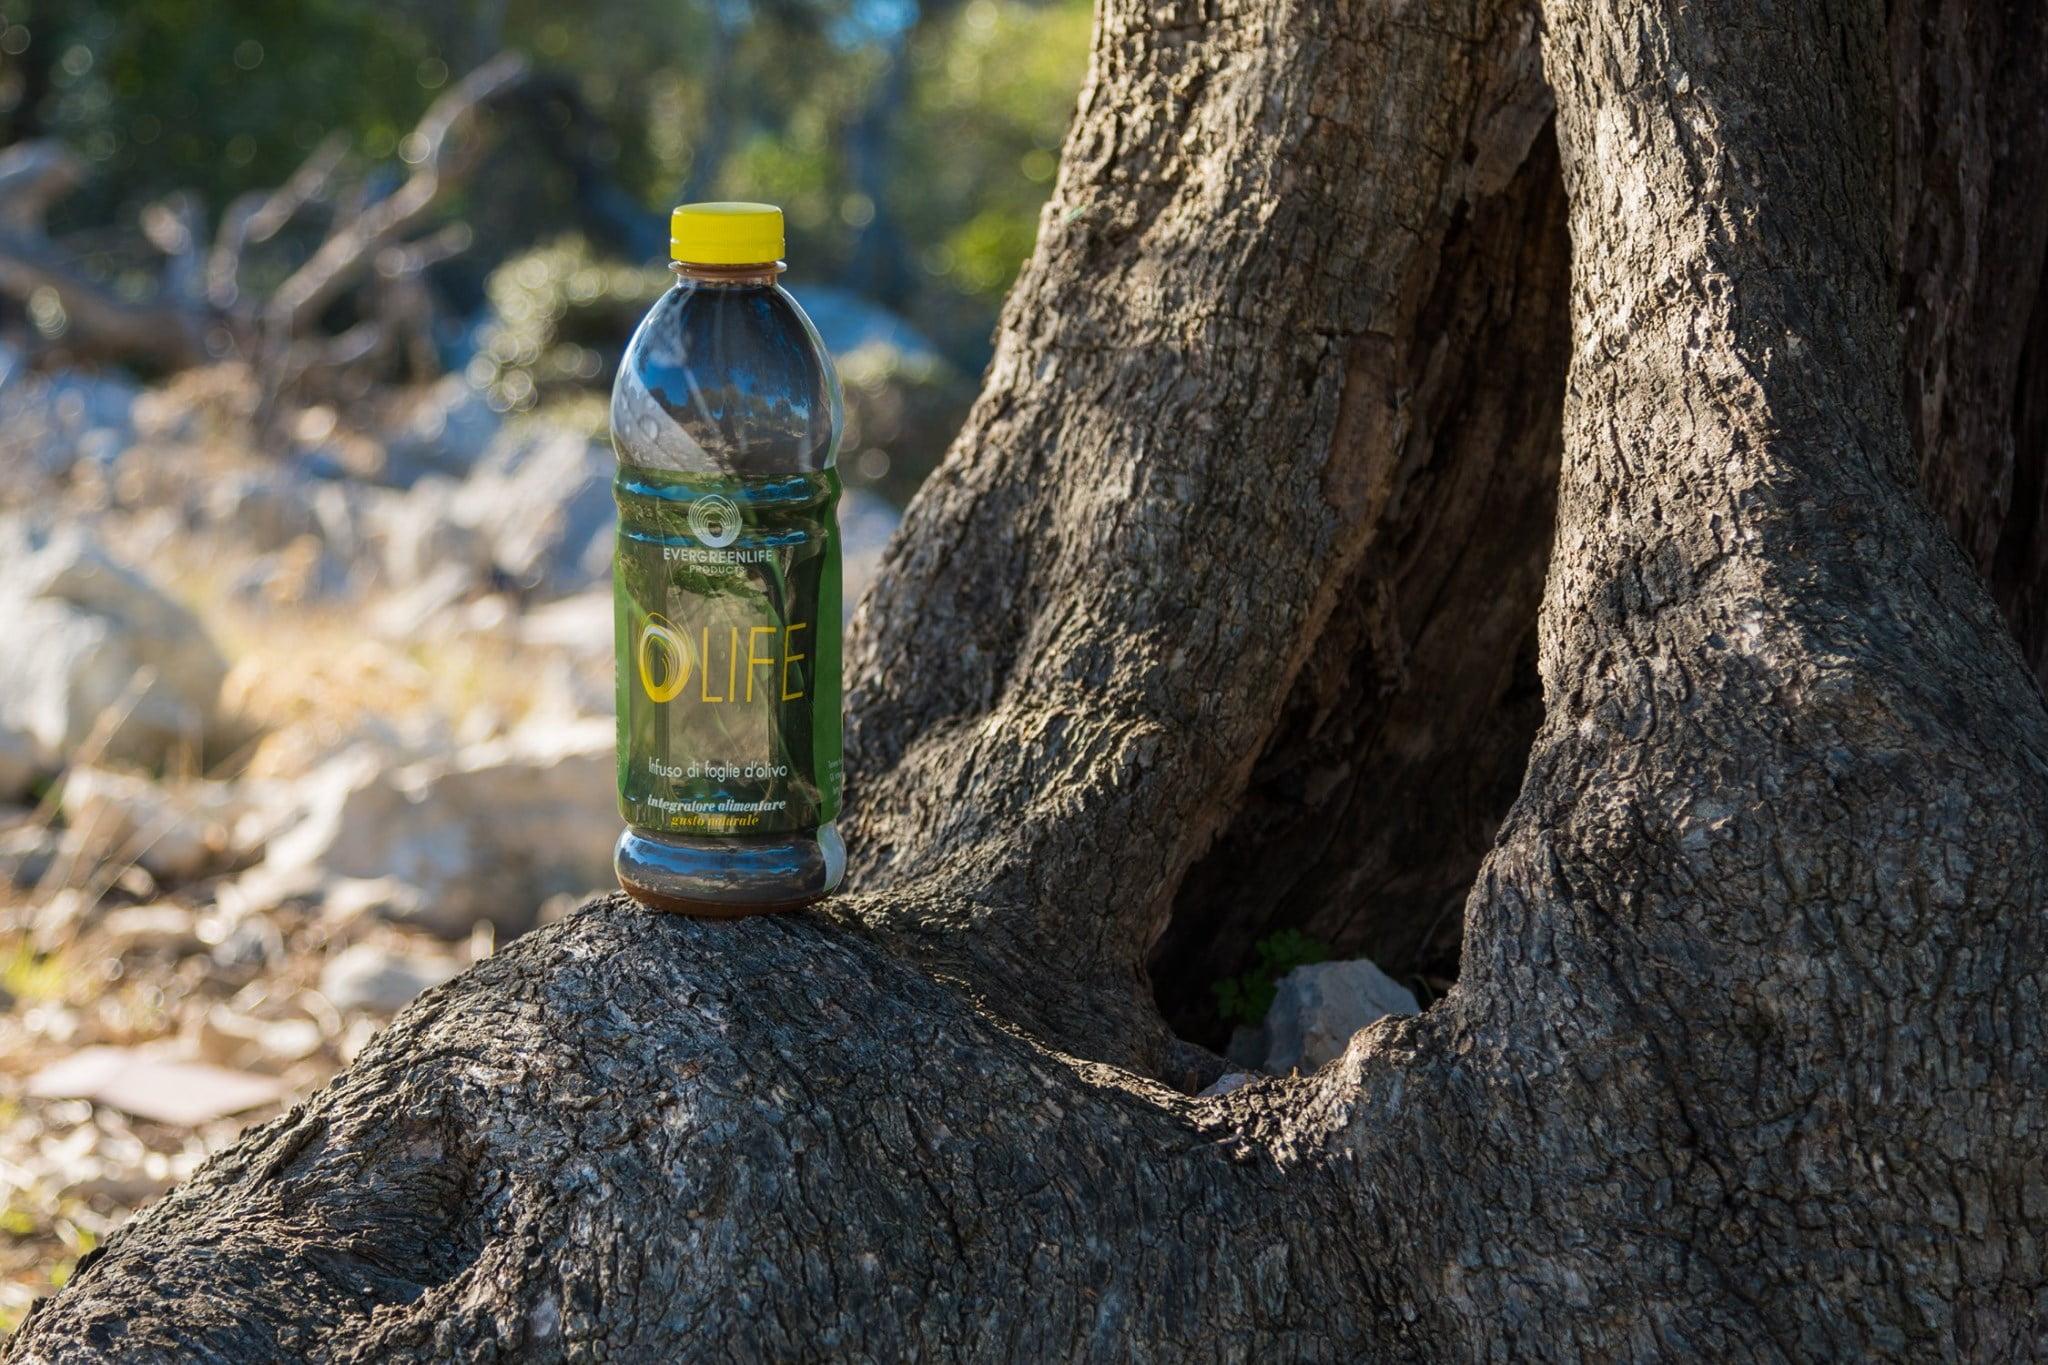 Perché non si deve bere Olife di Evergreen